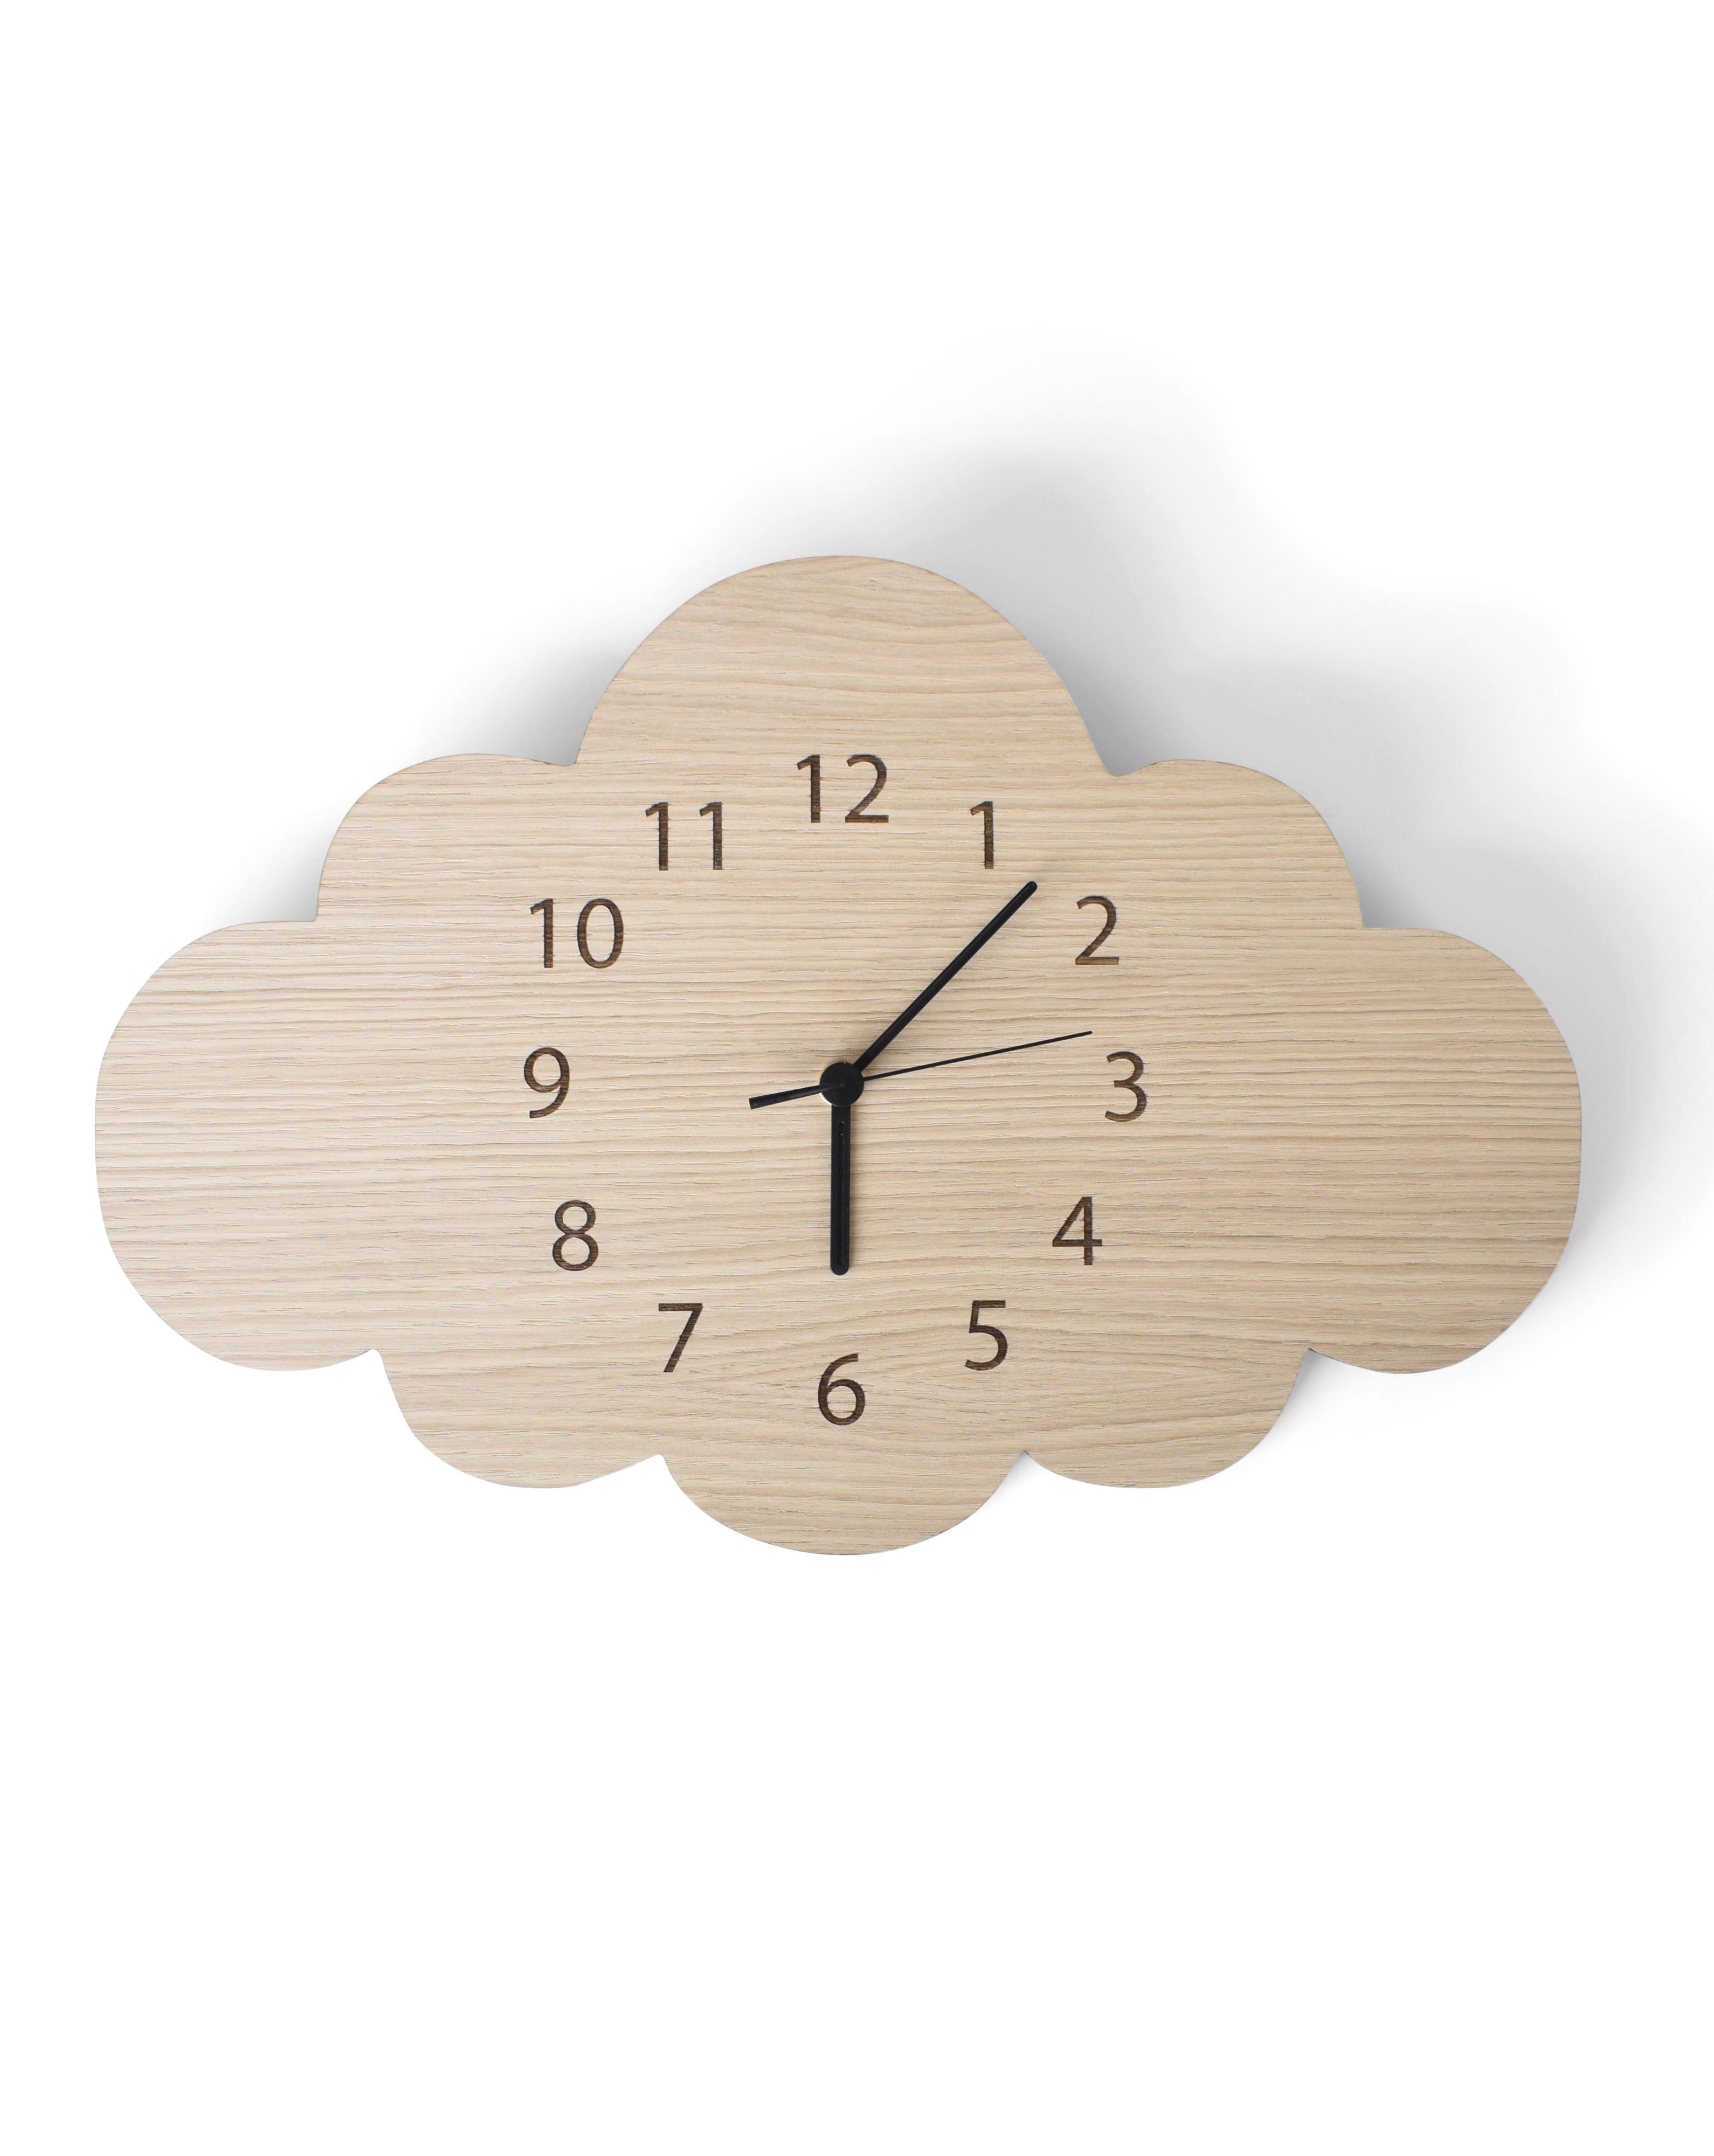 Maseliving – Sky ur (egetræ) - maseliving, 3 stk. på lager på pixizoo